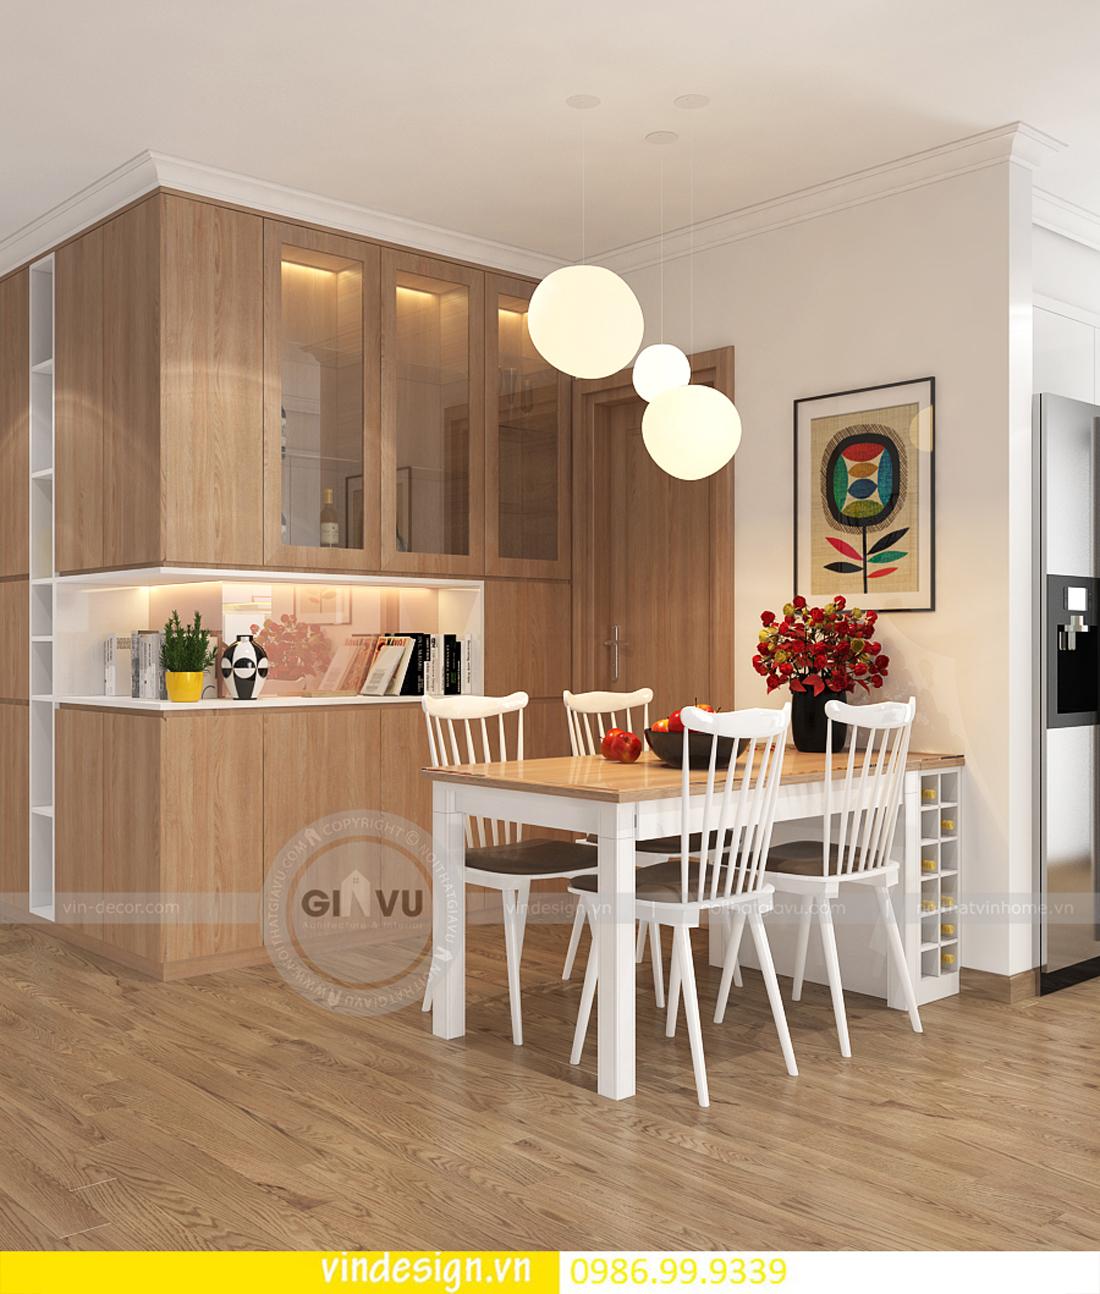 mẫu thiết kế nội thất D Capitale căn 3 phòng ngủ 02